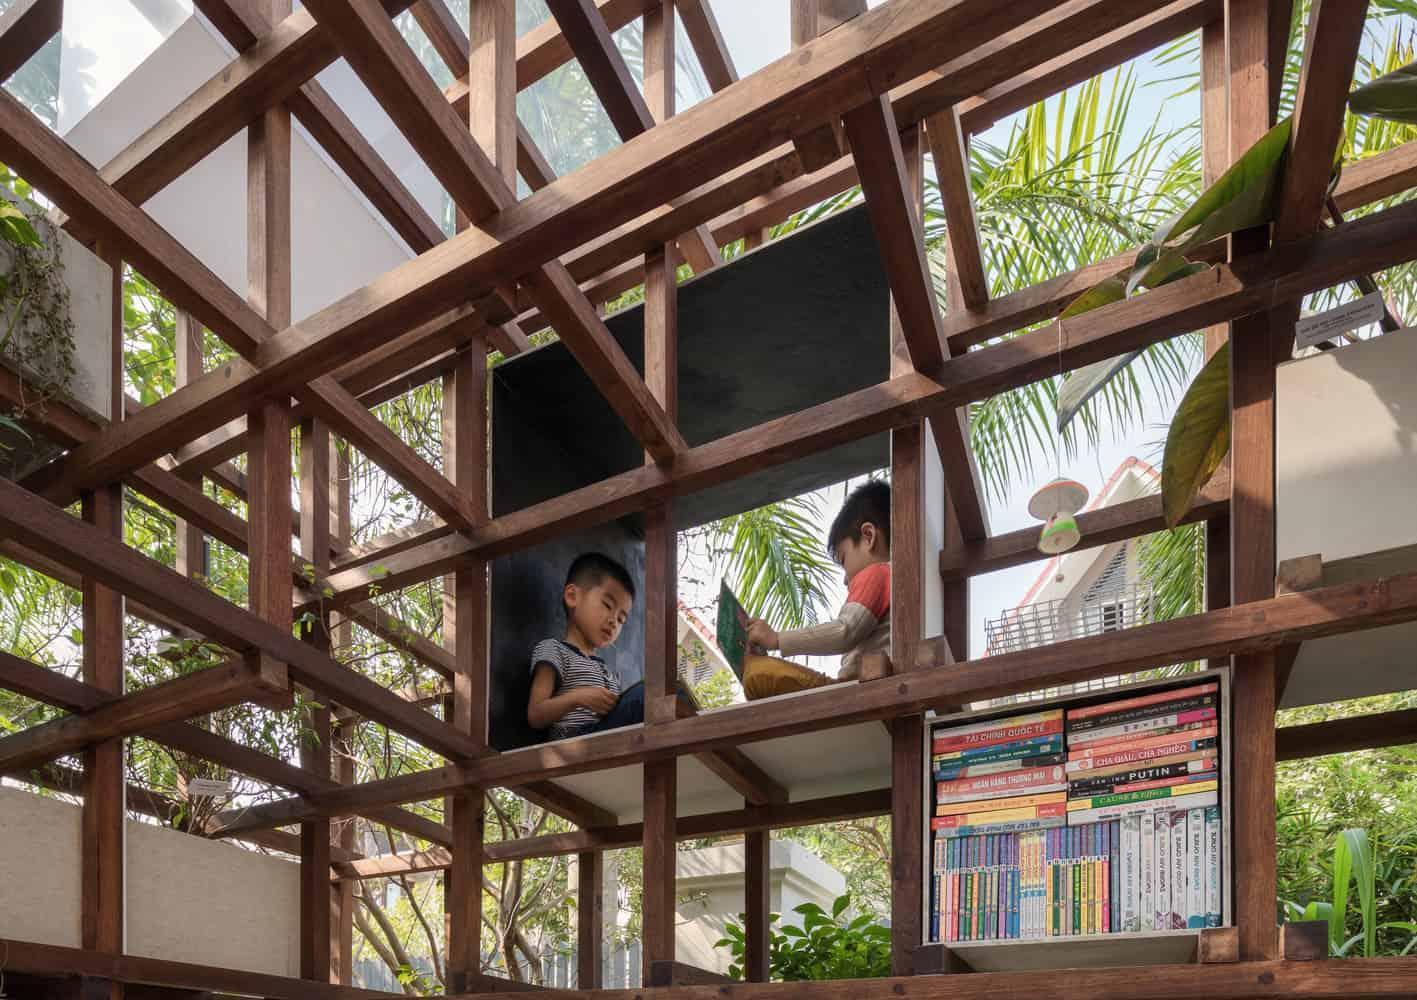 toi uu 55m2 nha thanh pho voi thiet ke dac biet vua co thu vien vua trong duoc rau sach - Tối ưu 55m2 nhà thành phố với thiết kế đặc biệt: vừa có thư viện, vừa trồng được rau sạch